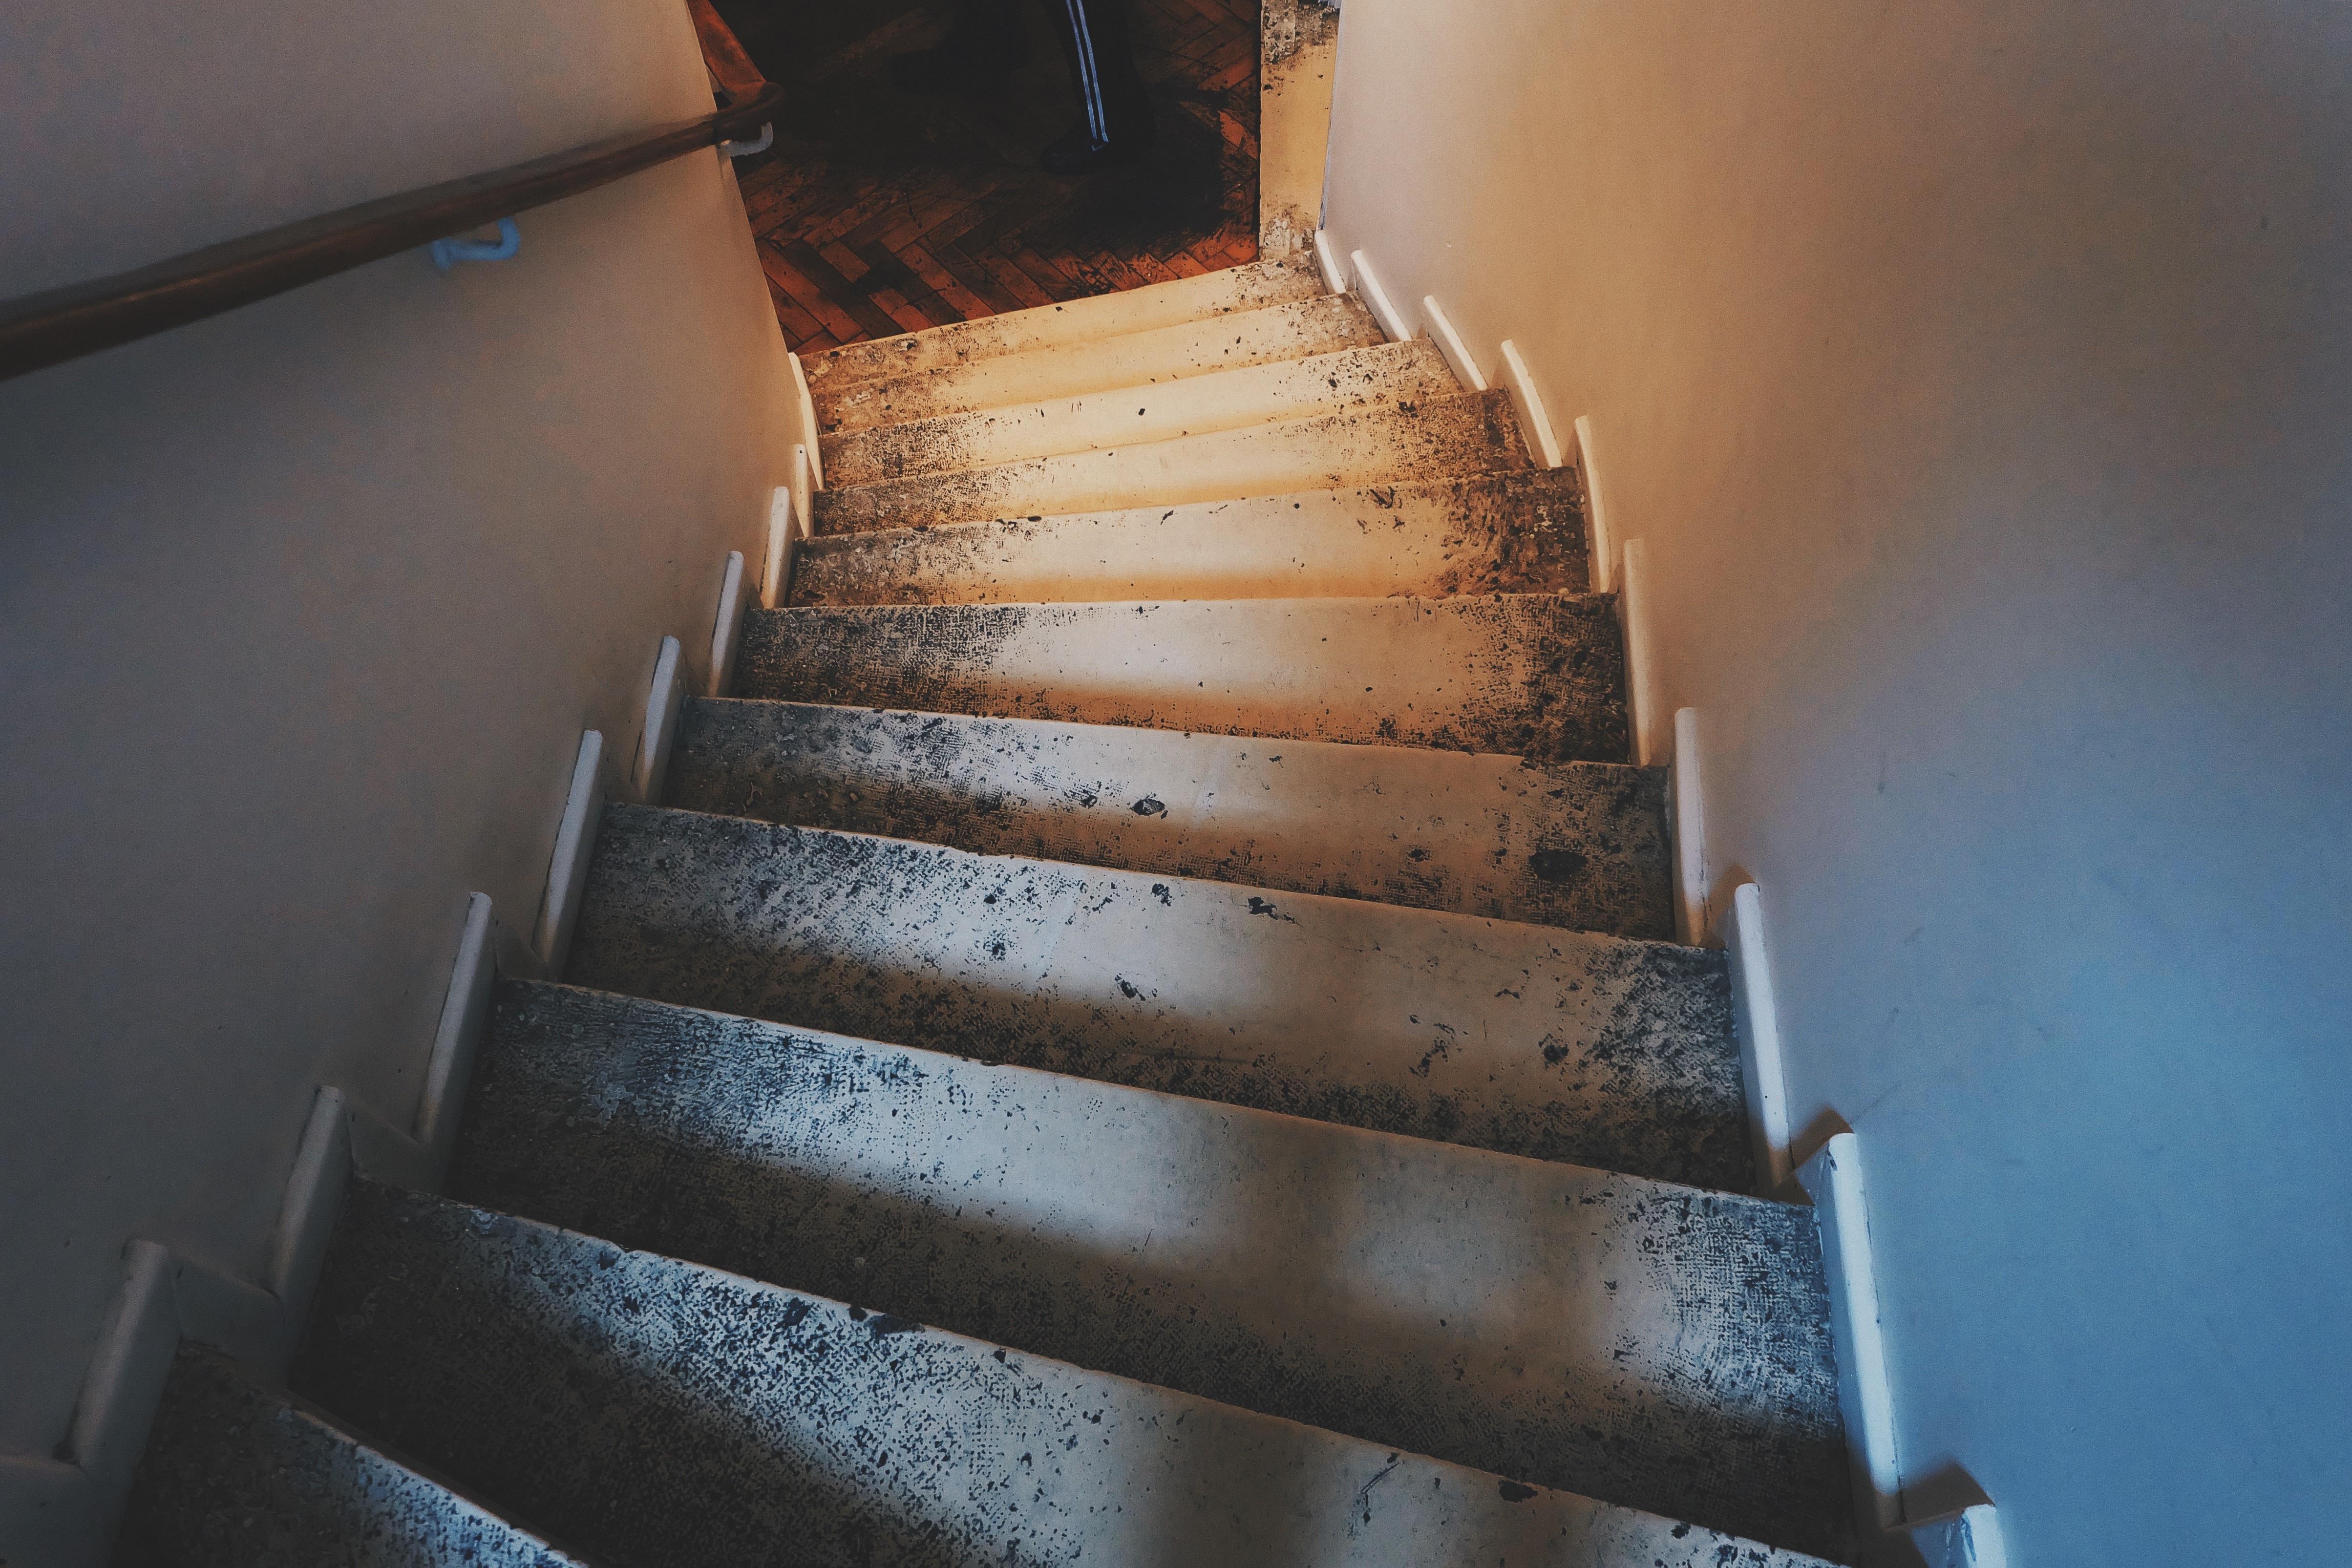 Superior Licht Holz Haus Innere Alt Mauer Treppe Schritte Drinnen Blau Treppe Unten  Benutzt Funktional